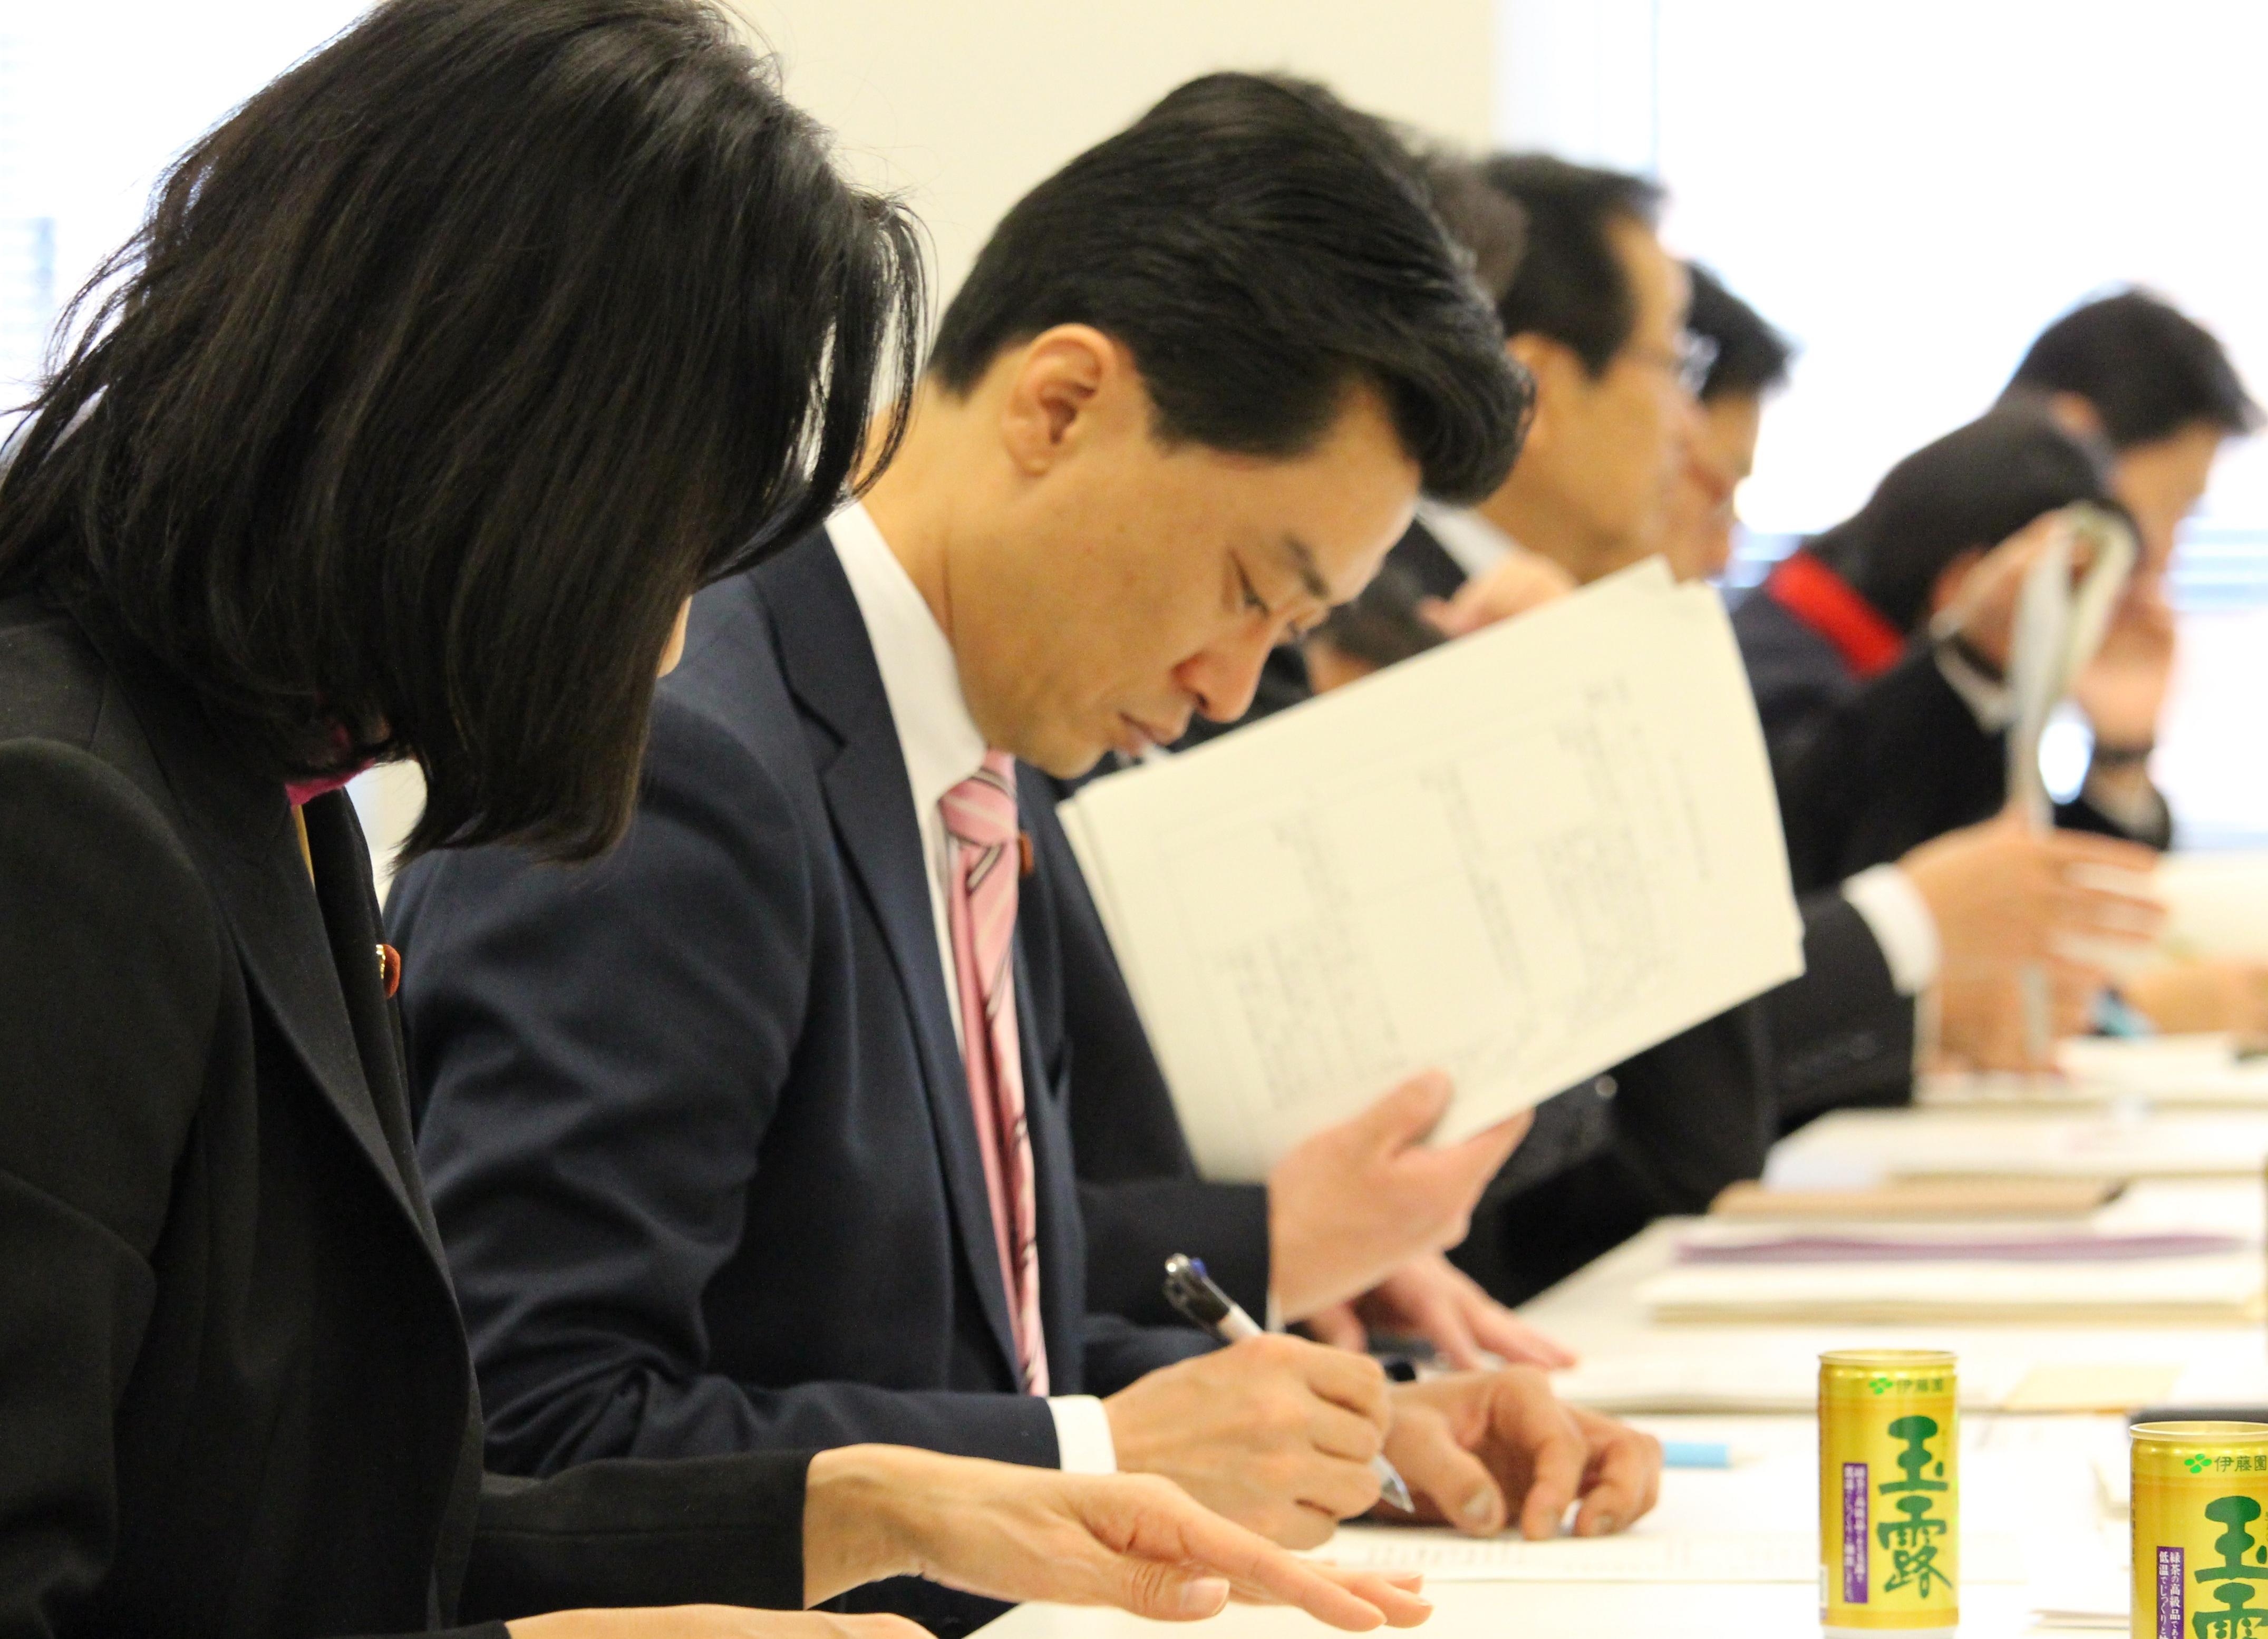 20160126-2政調役員会法案ヒアリング00111